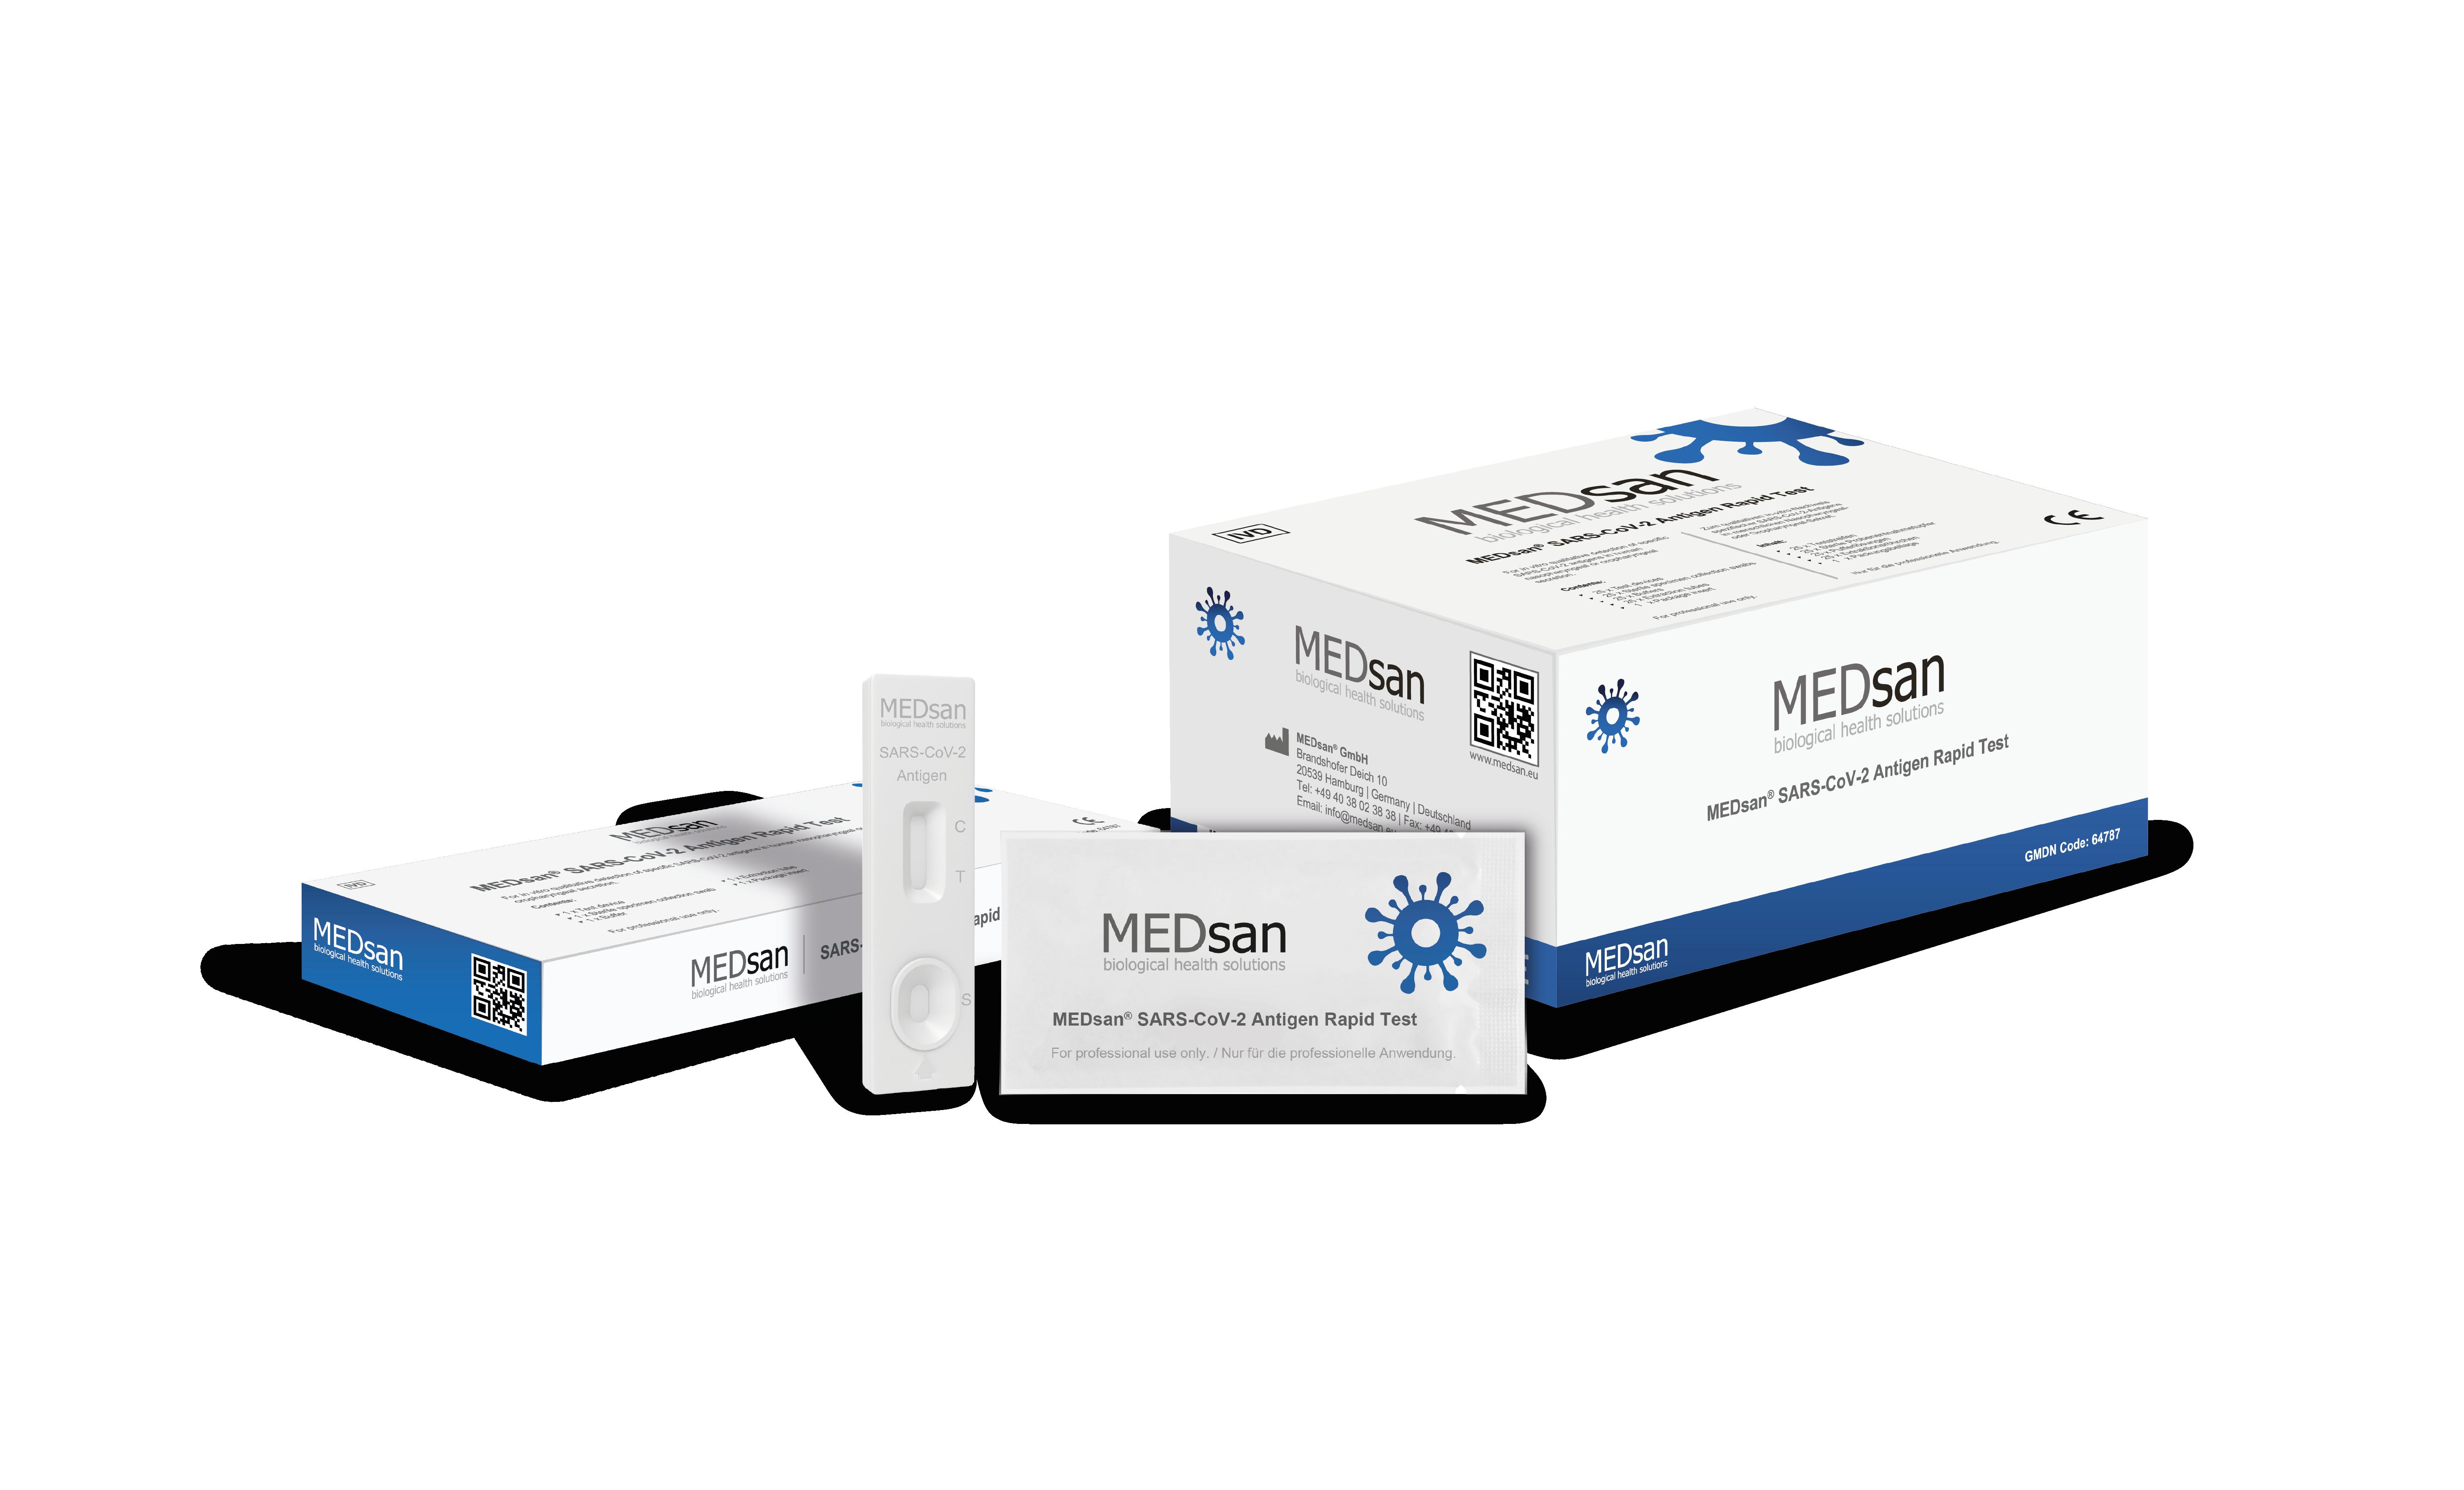 MEDsan® SARS-CoV-2 Antigen Rapid Test (professional use only)